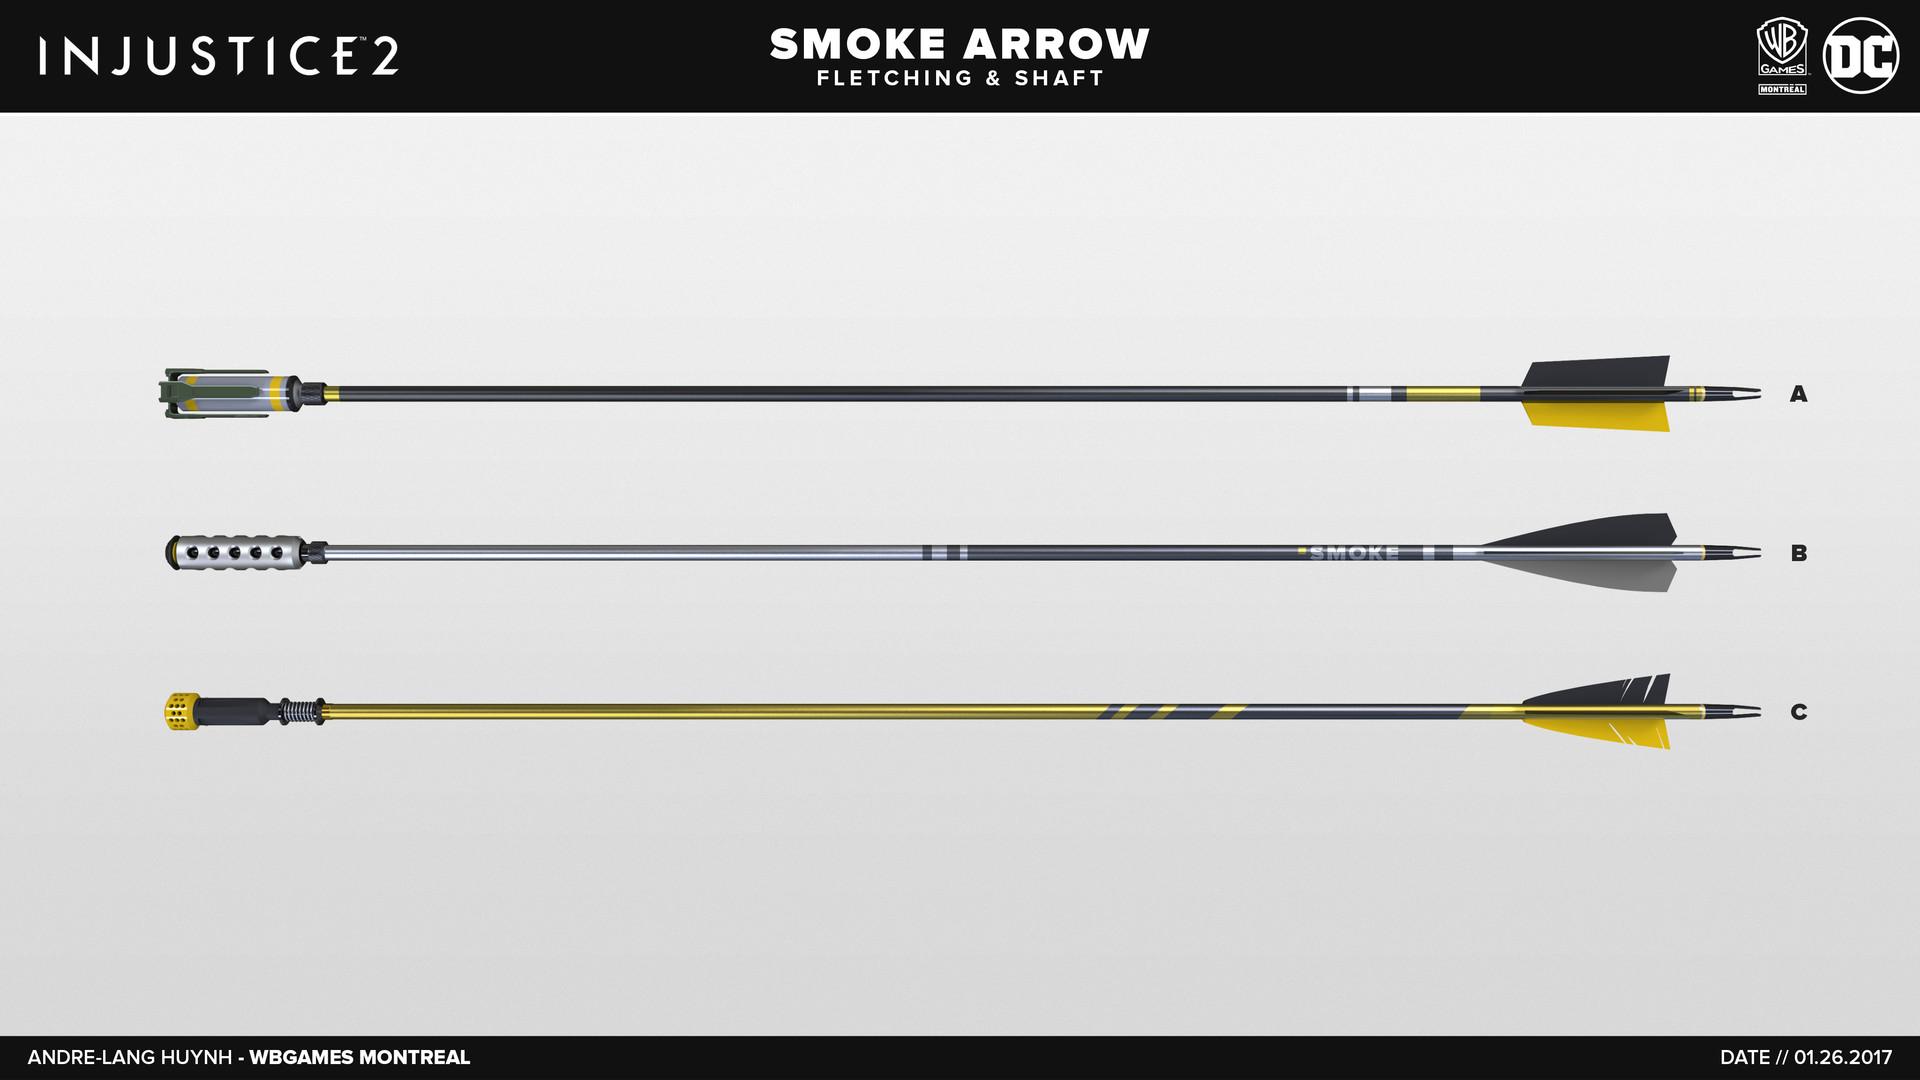 Andre lang huynh smokearrow02 v01